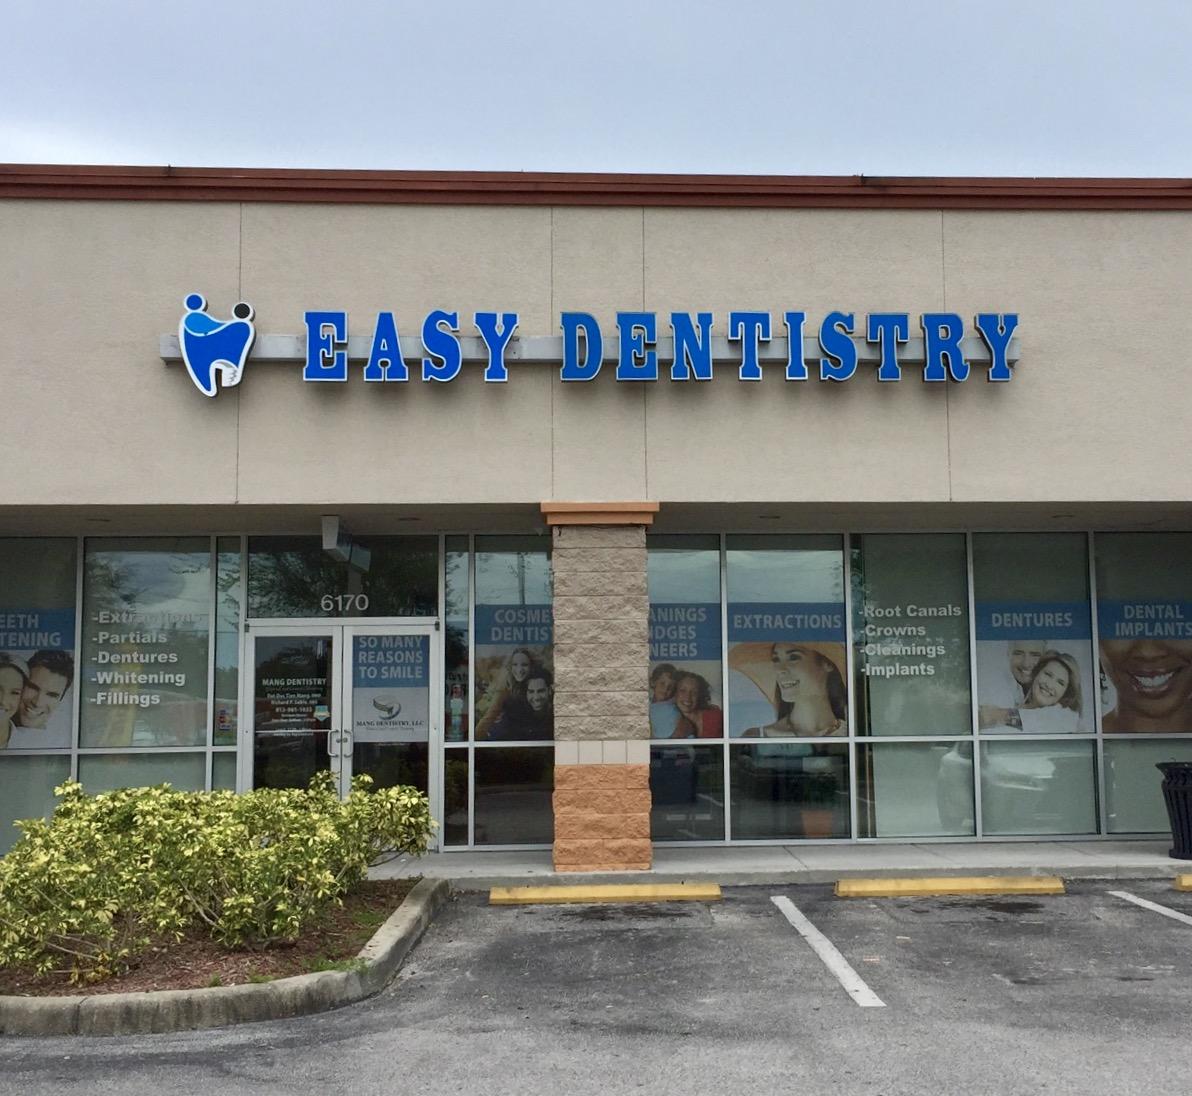 Easy Dentistry LLC 6170 Gunn Hwy, Tampa, FL 33625 - YP com